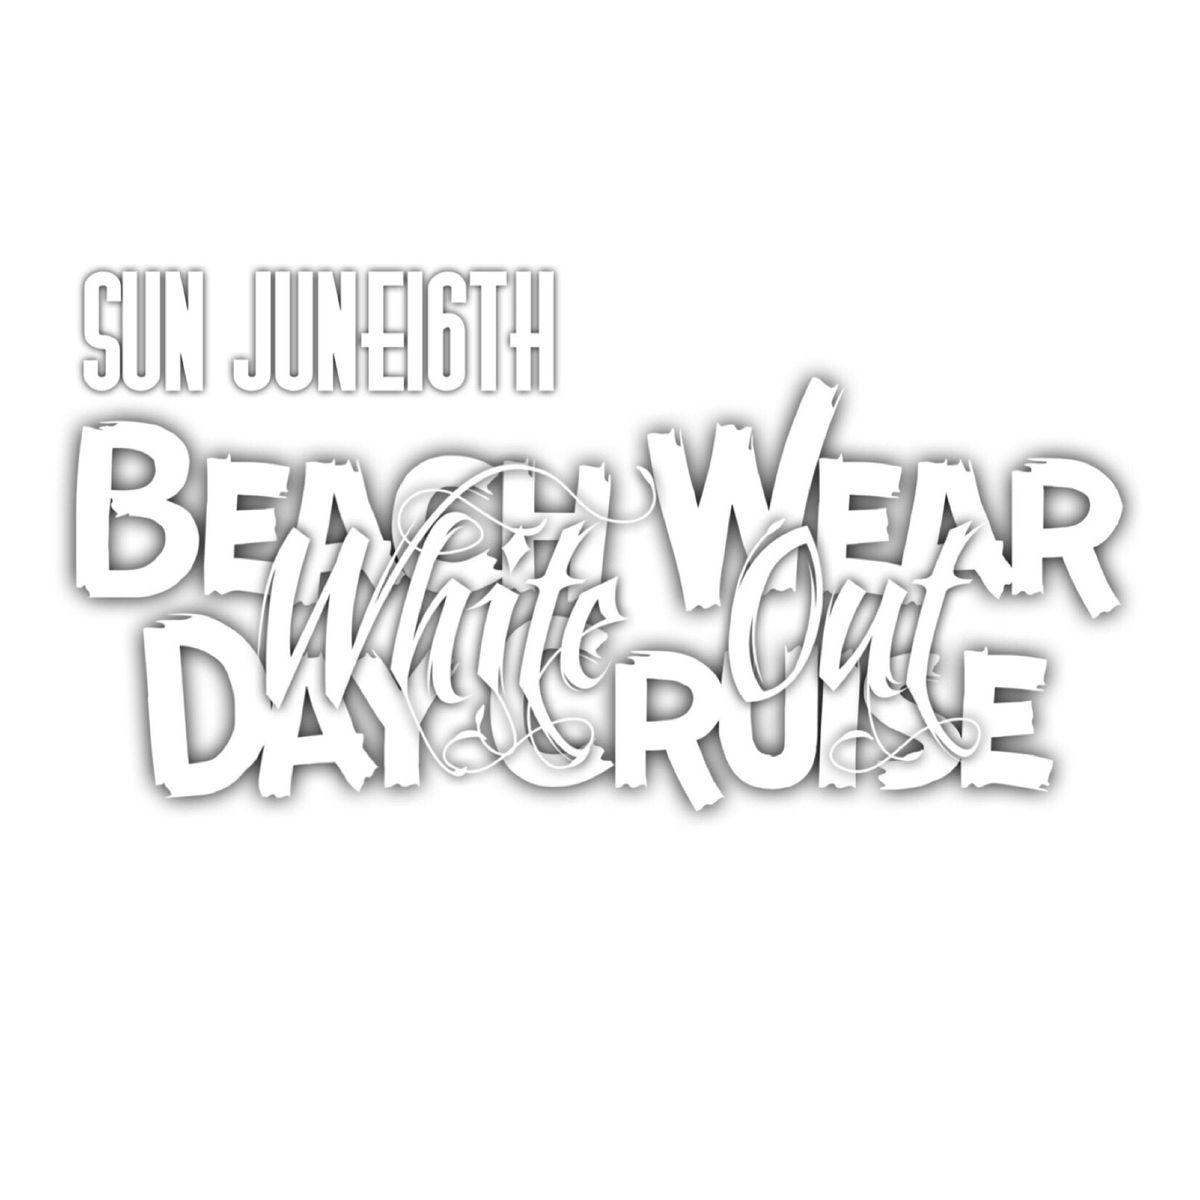 Beach Wear Day Cruise 2019